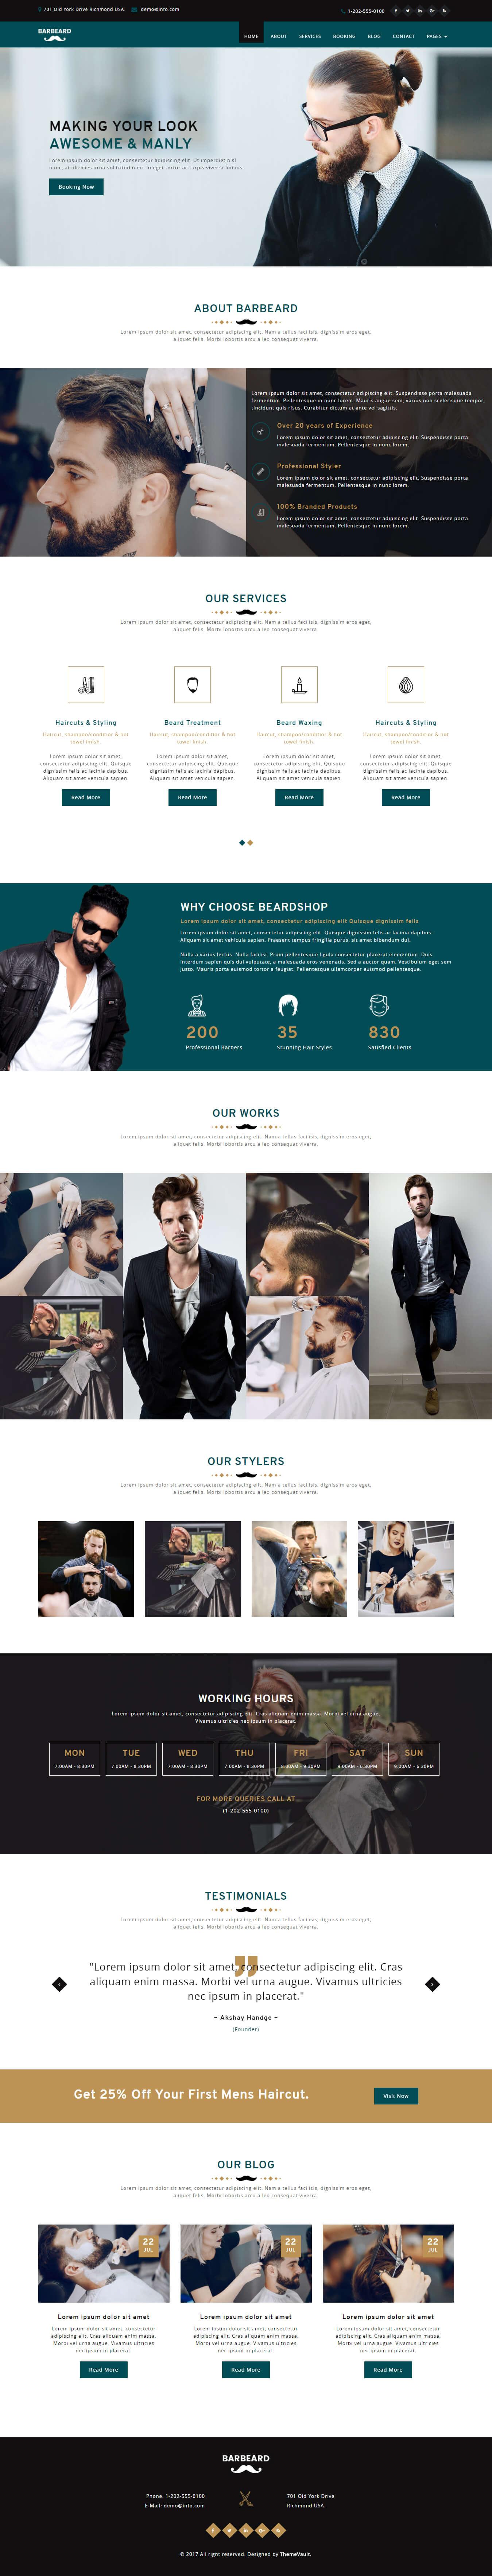 barbeard html5 responsive barber shop website template themevault. Black Bedroom Furniture Sets. Home Design Ideas